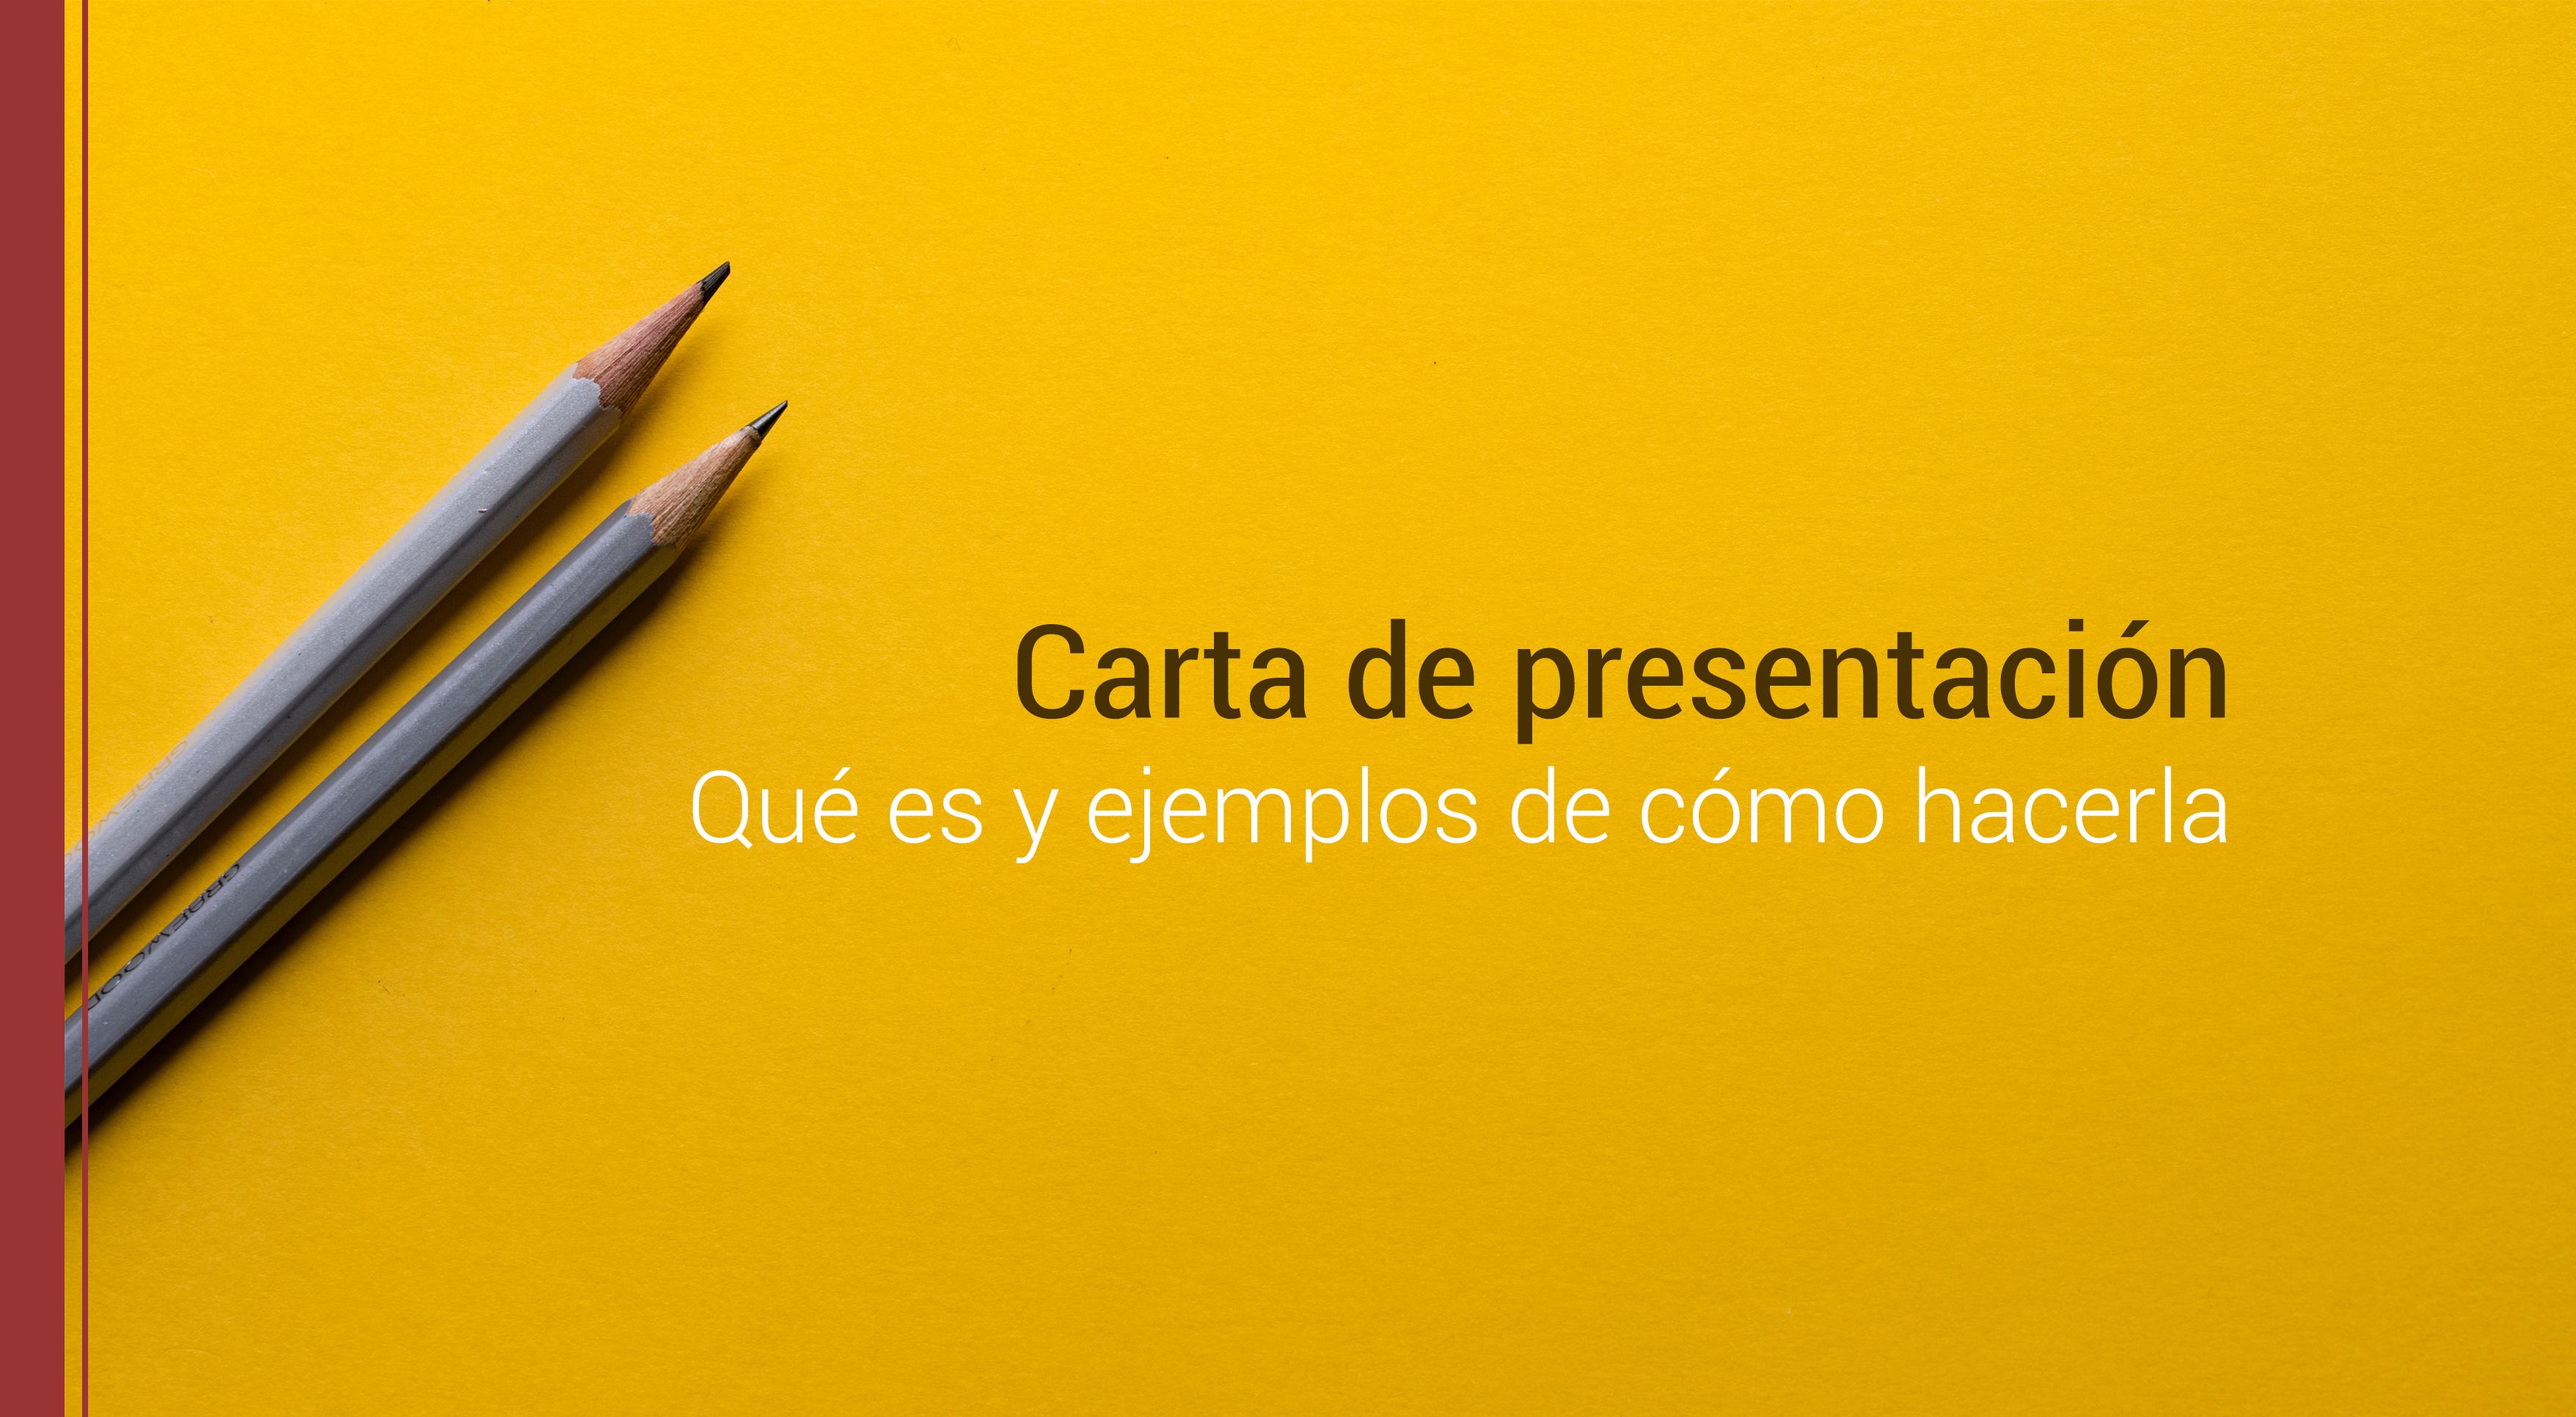 carta-de-presentacion-ejemplos La carta de presentación en 2 ejemplos